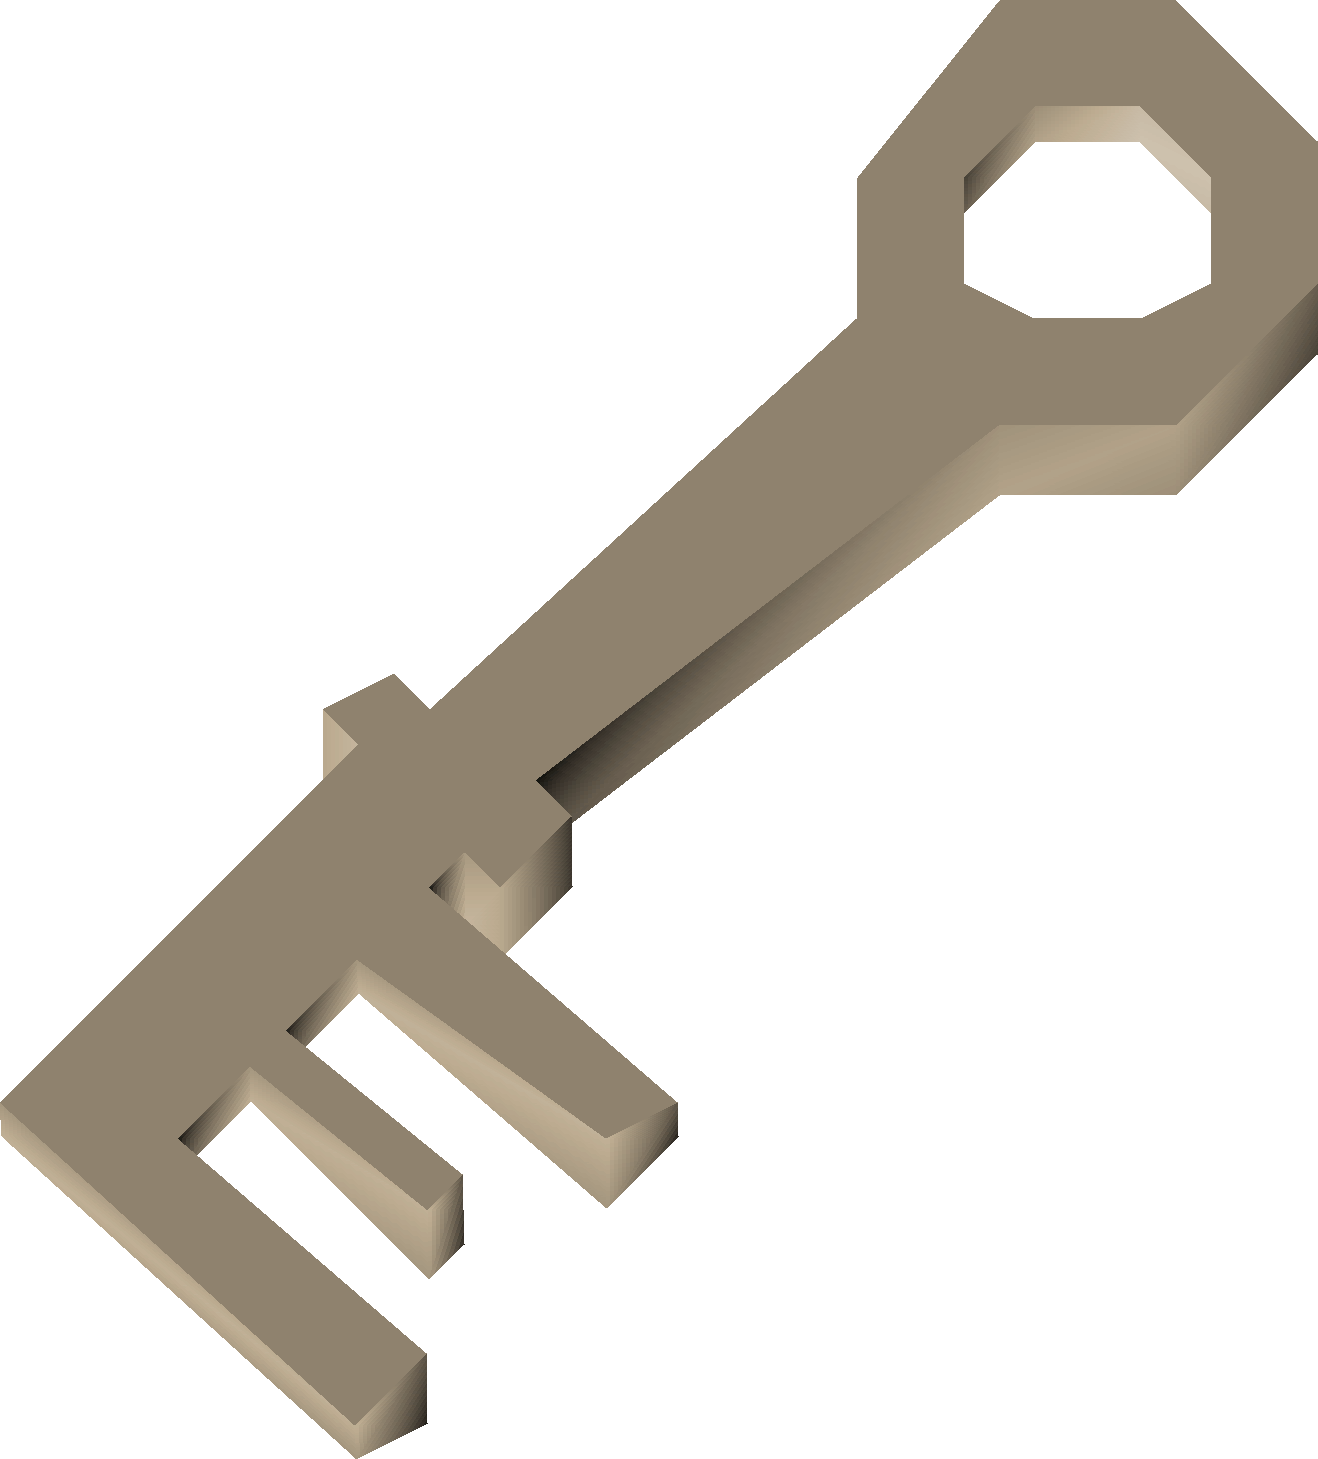 File:Metal key detail.png